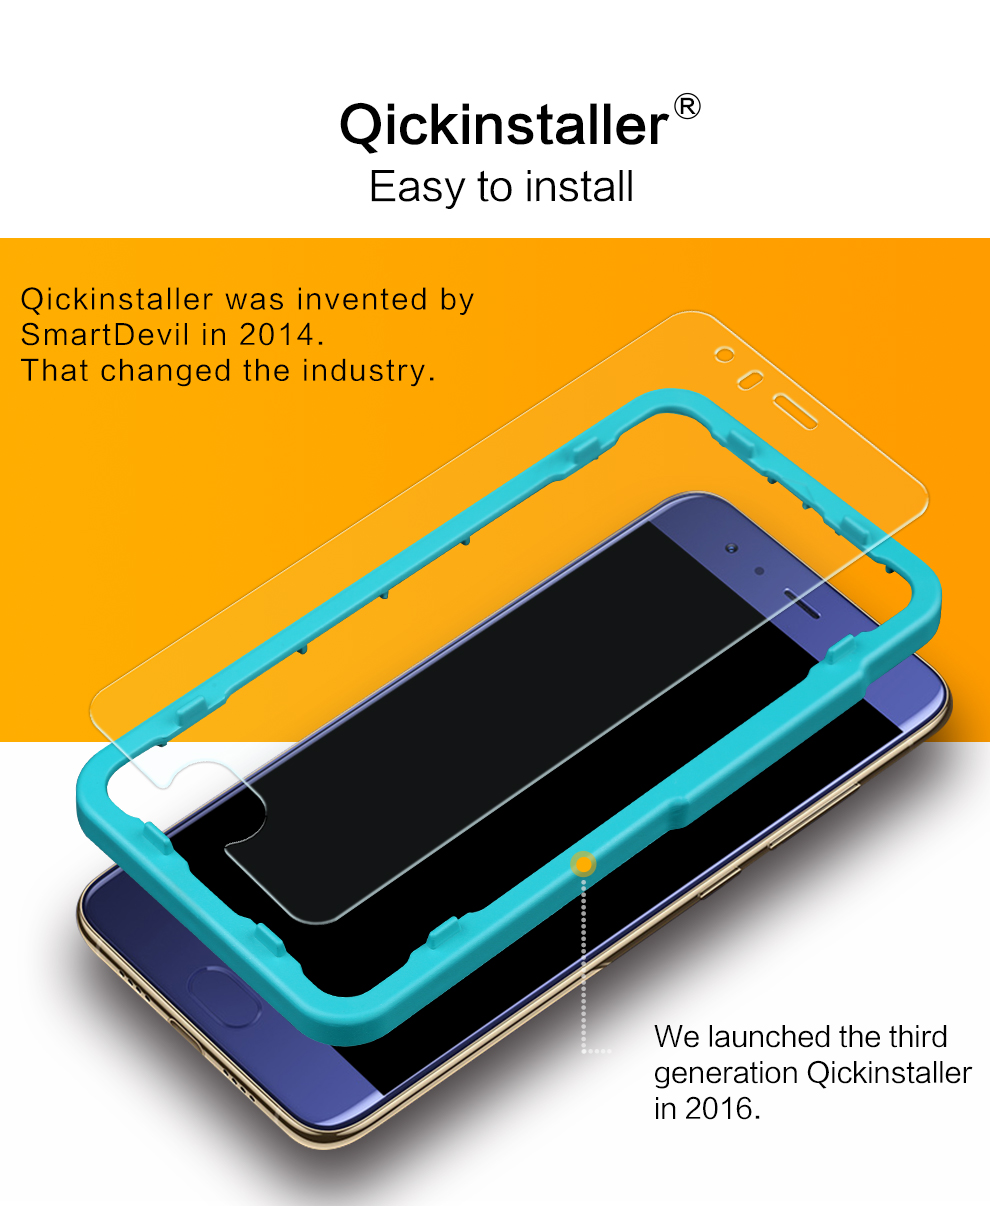 Handys & Telekommunikation Smartdevil Screen Protector Für Iphone X Handy Anti-blau Licht Ausgeglichenes Glas Vordere Schutz 2.5d Gehärtetem Film Hd